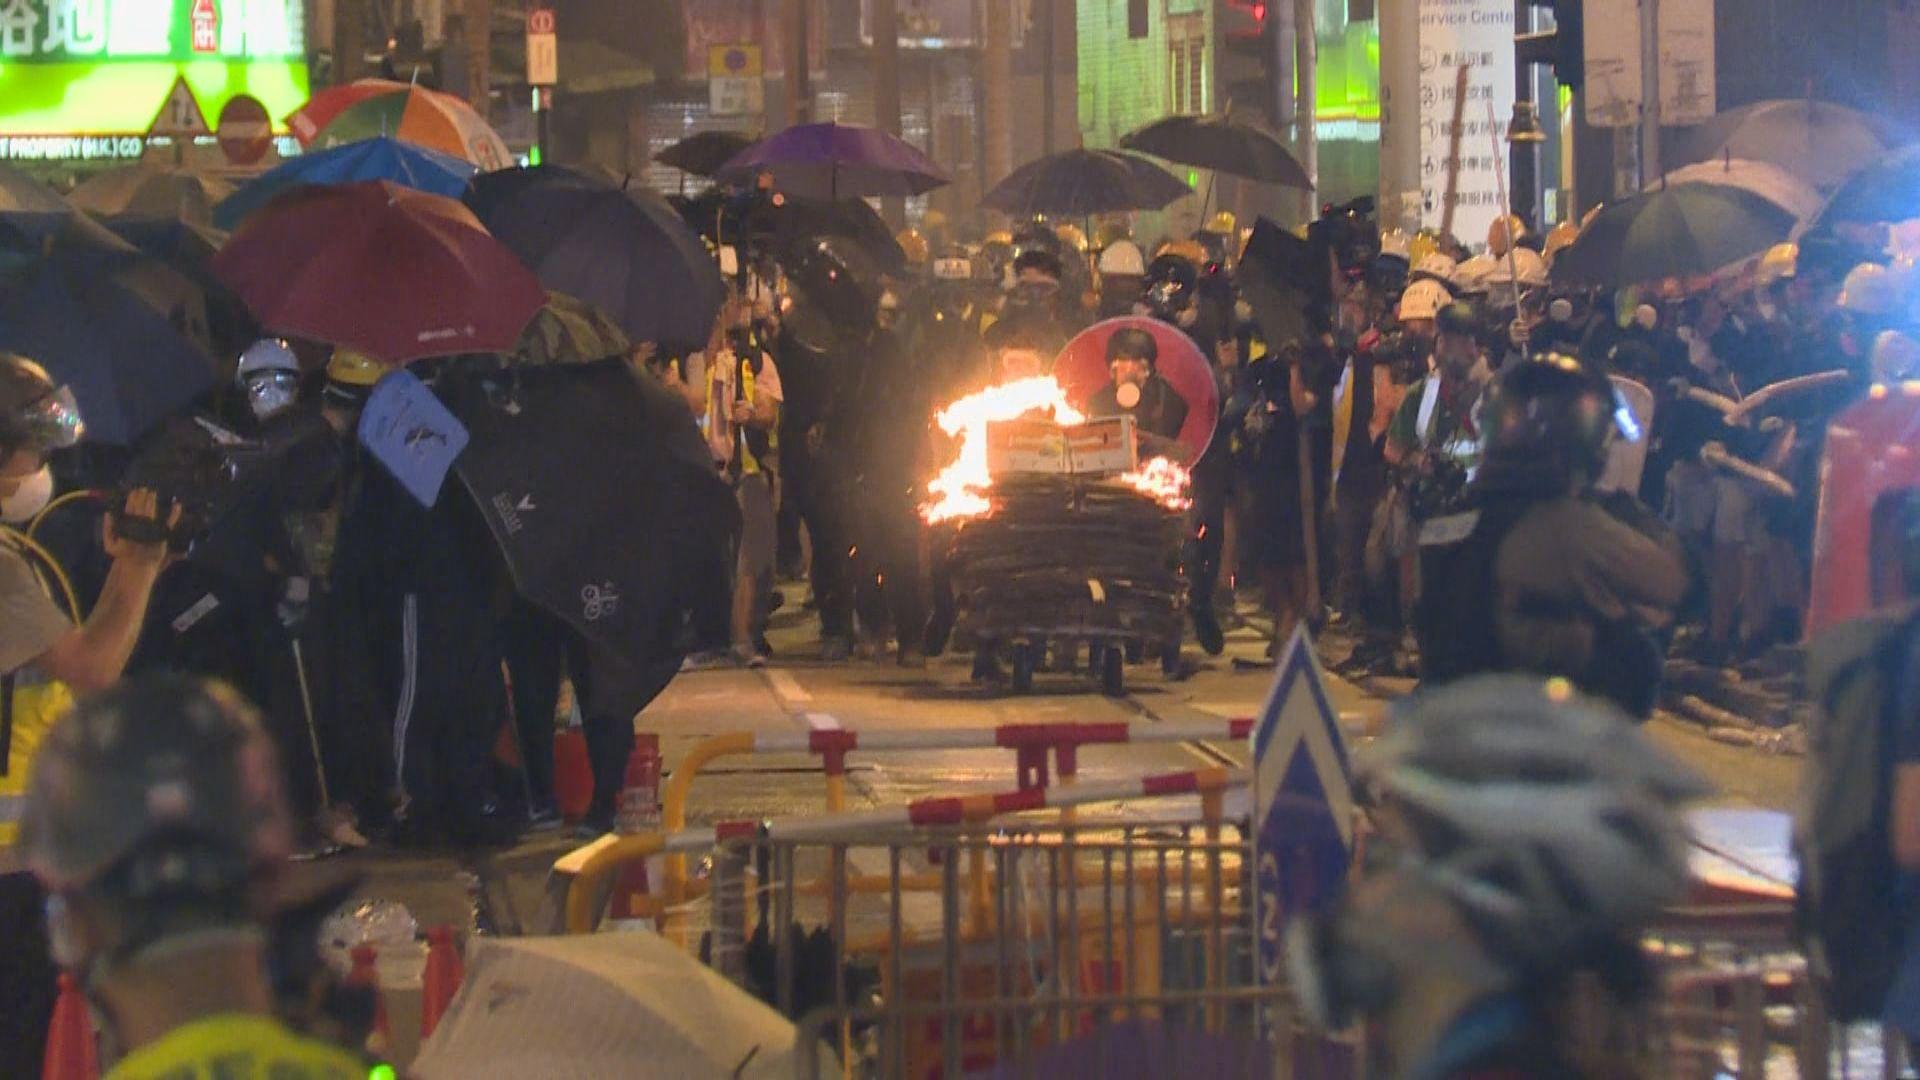 反修例衝突 示威者裝備明顯加強